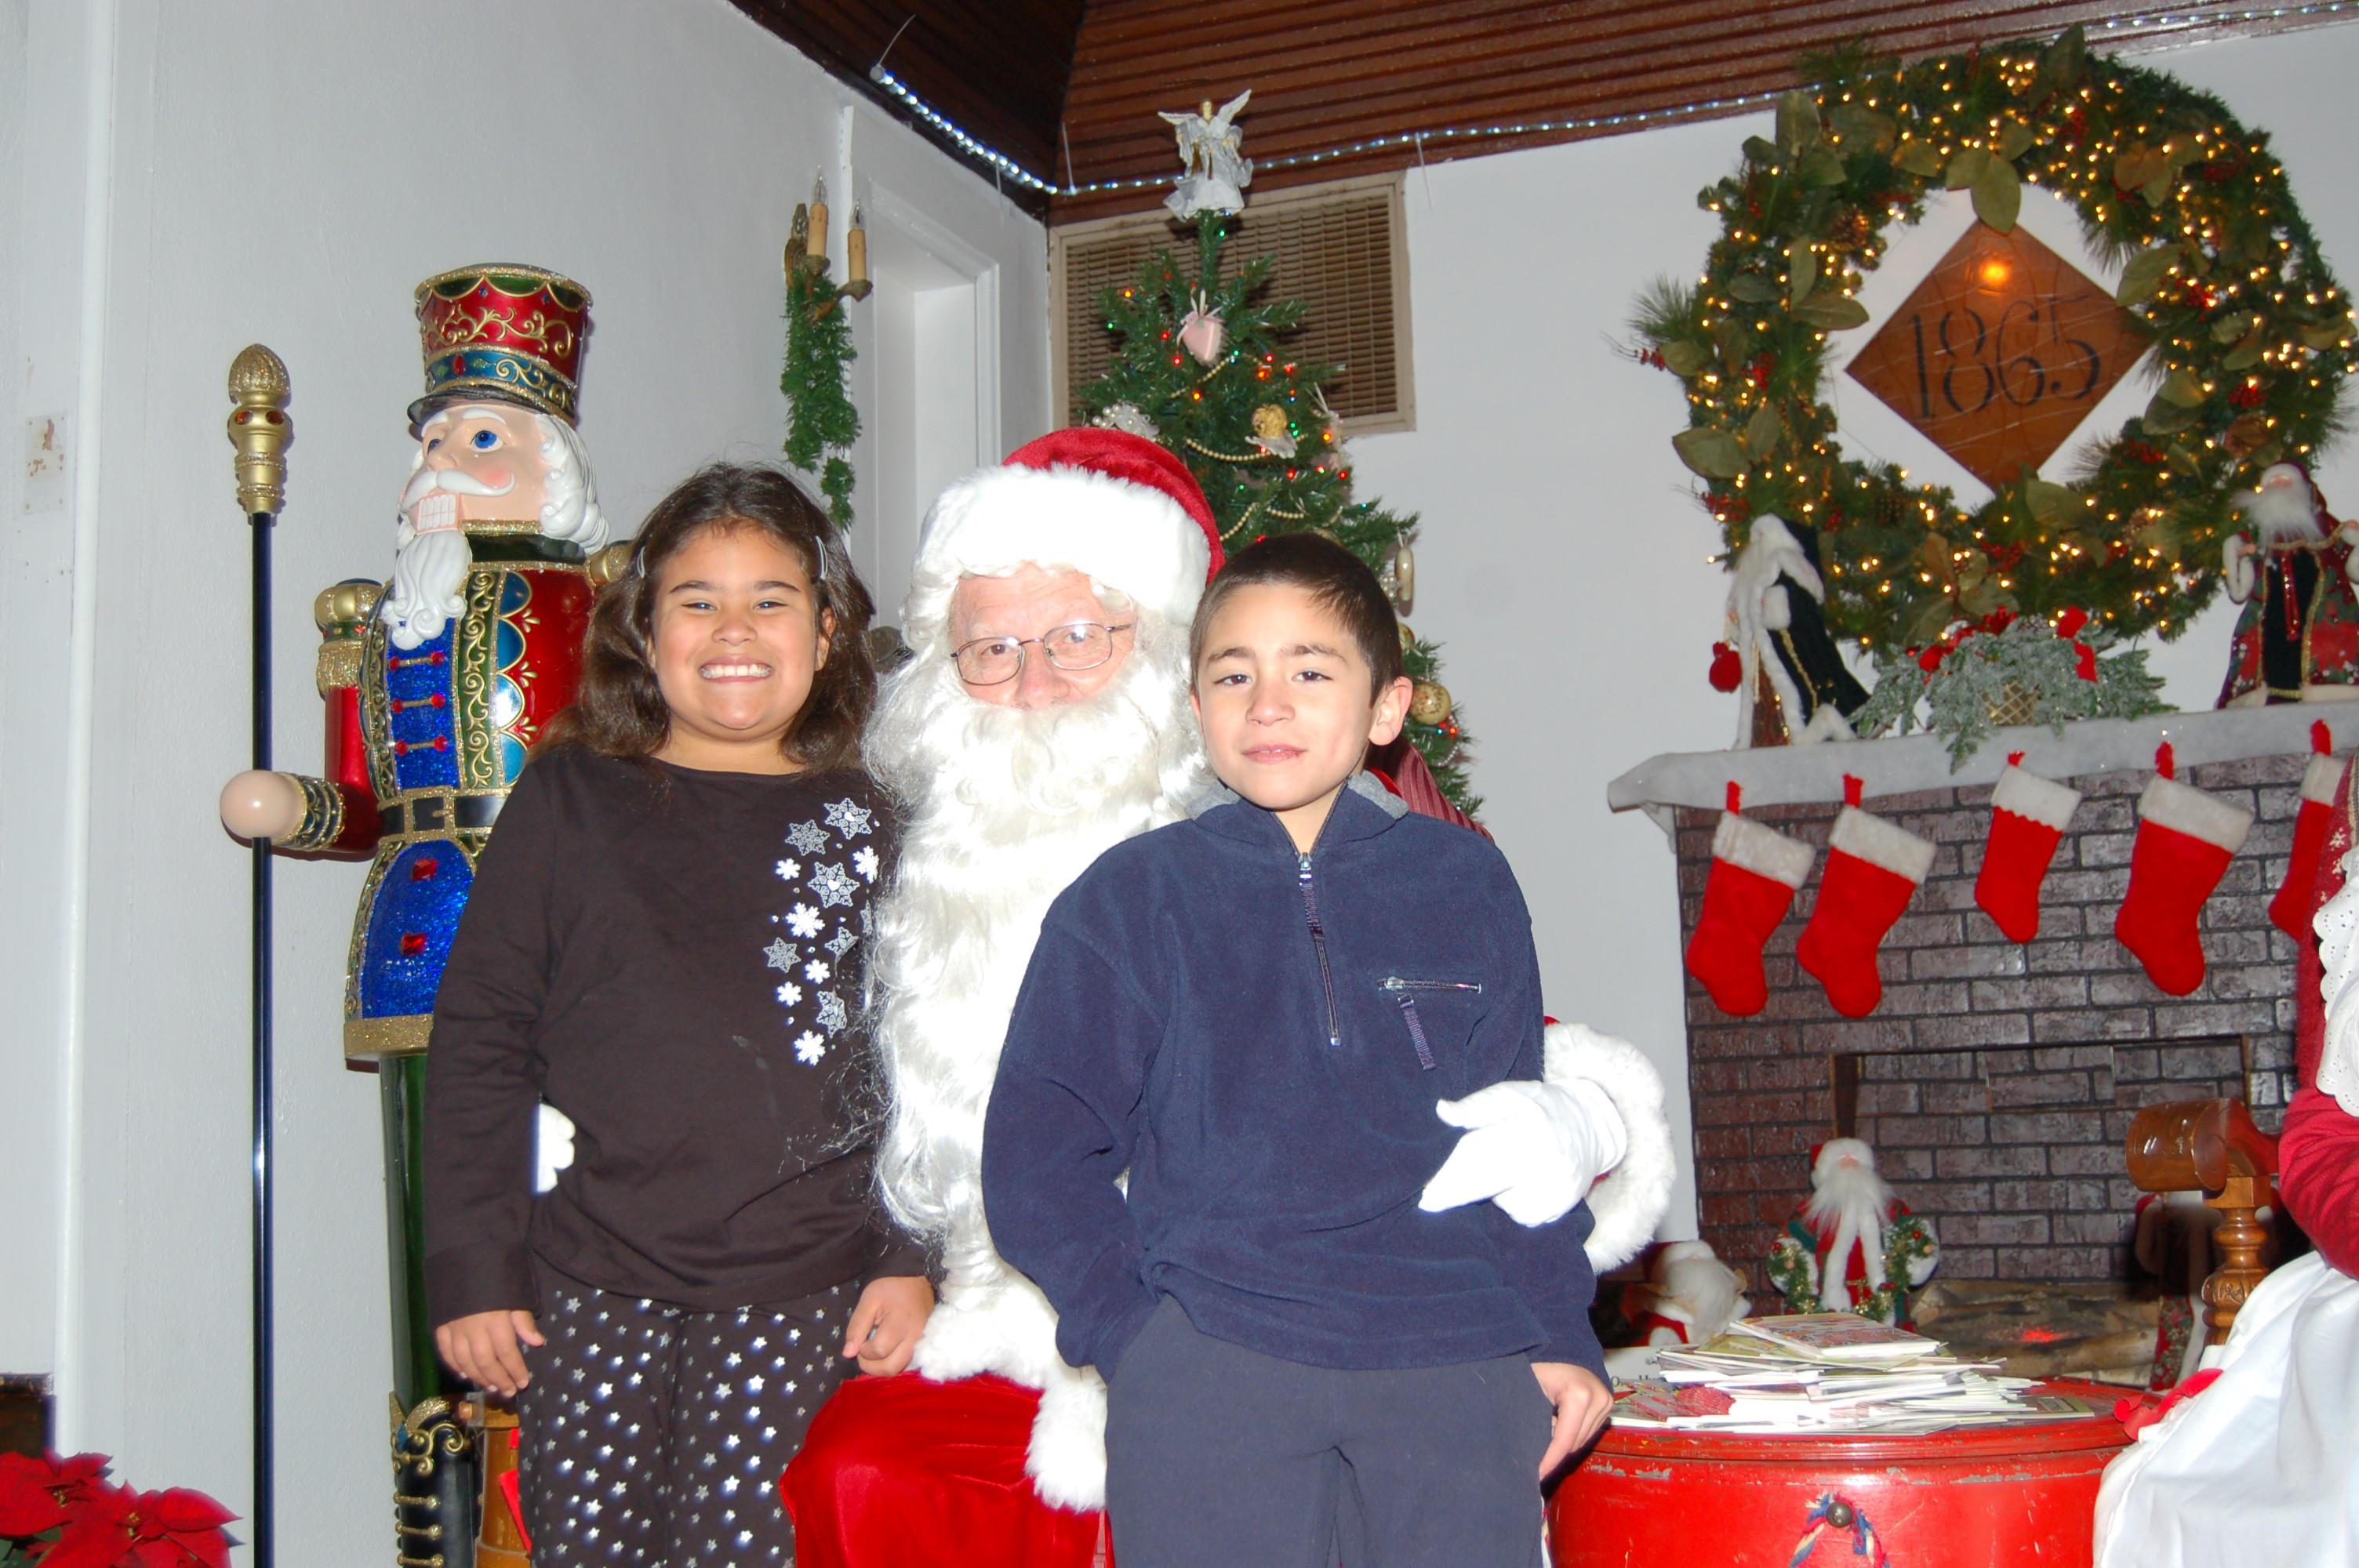 LolliPop+Lane+12-13-2008+Picture+001.jpg